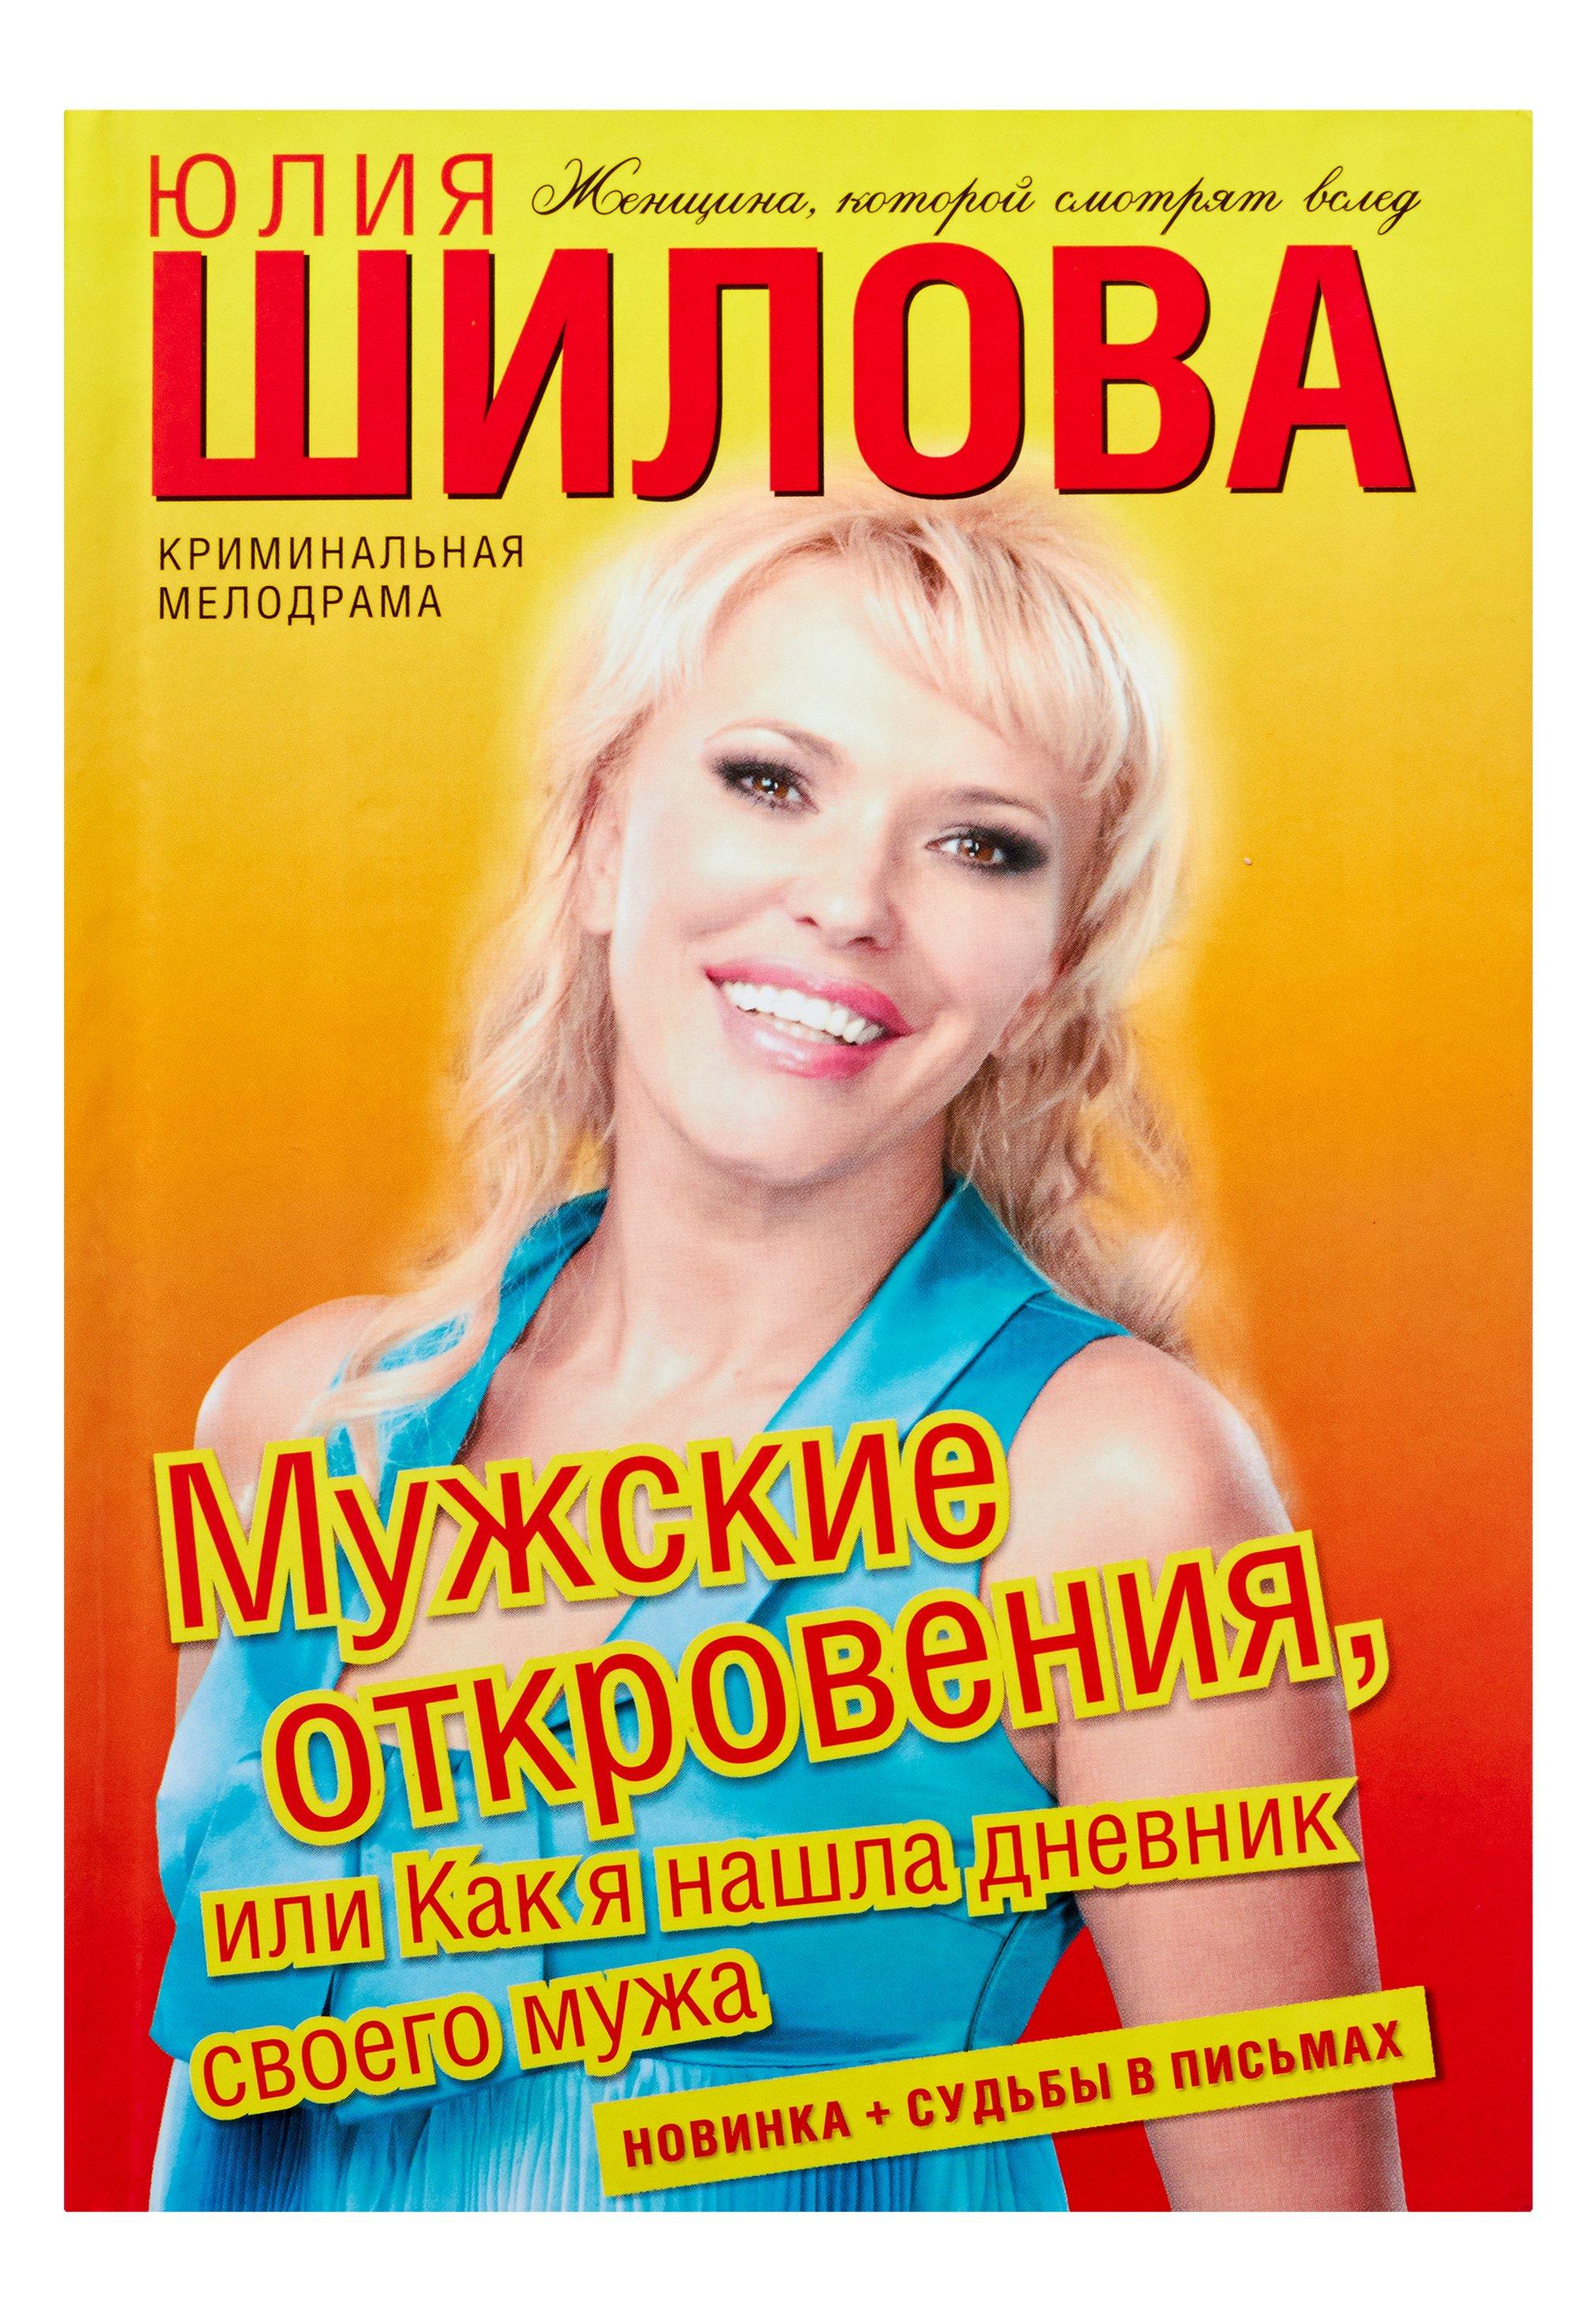 Шилова Юлия Витальевна Мужские откровения, или Как я нашла дневник своего мужа